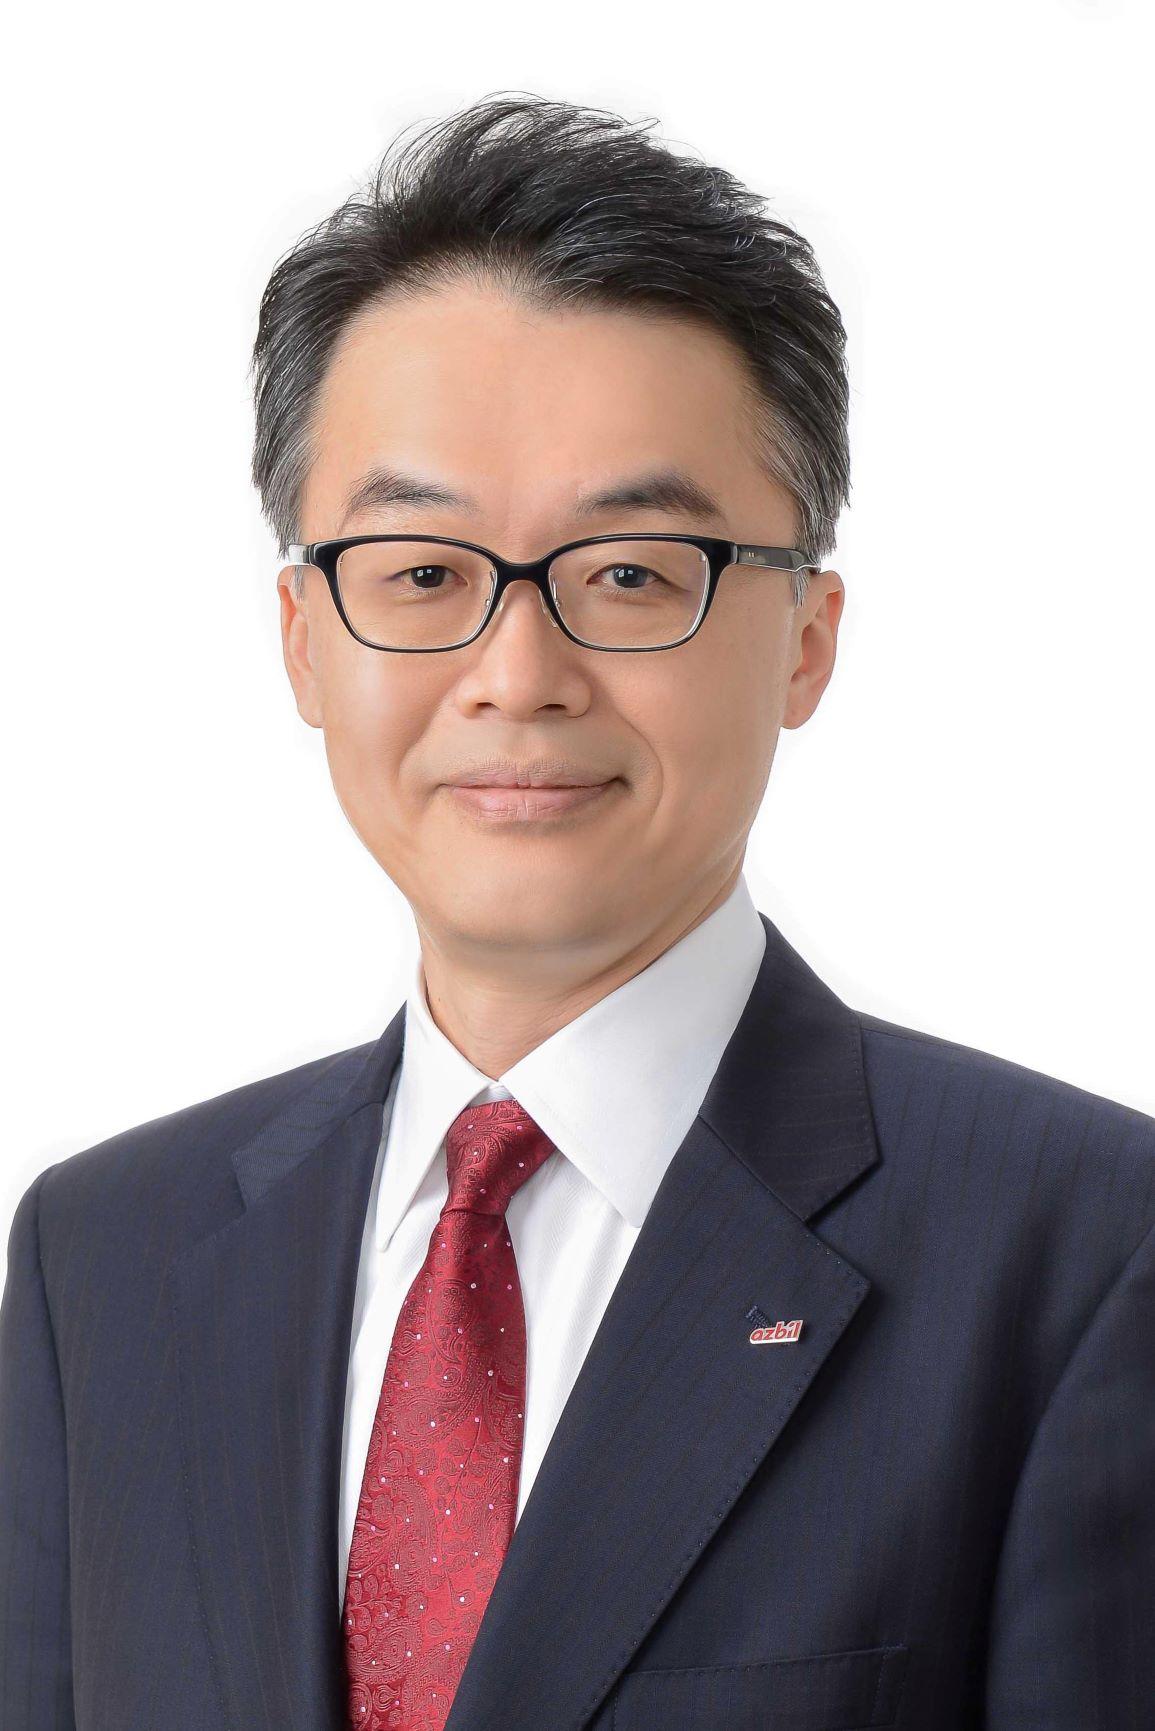 代表取缔役社长兼执行役员社长 山本清博